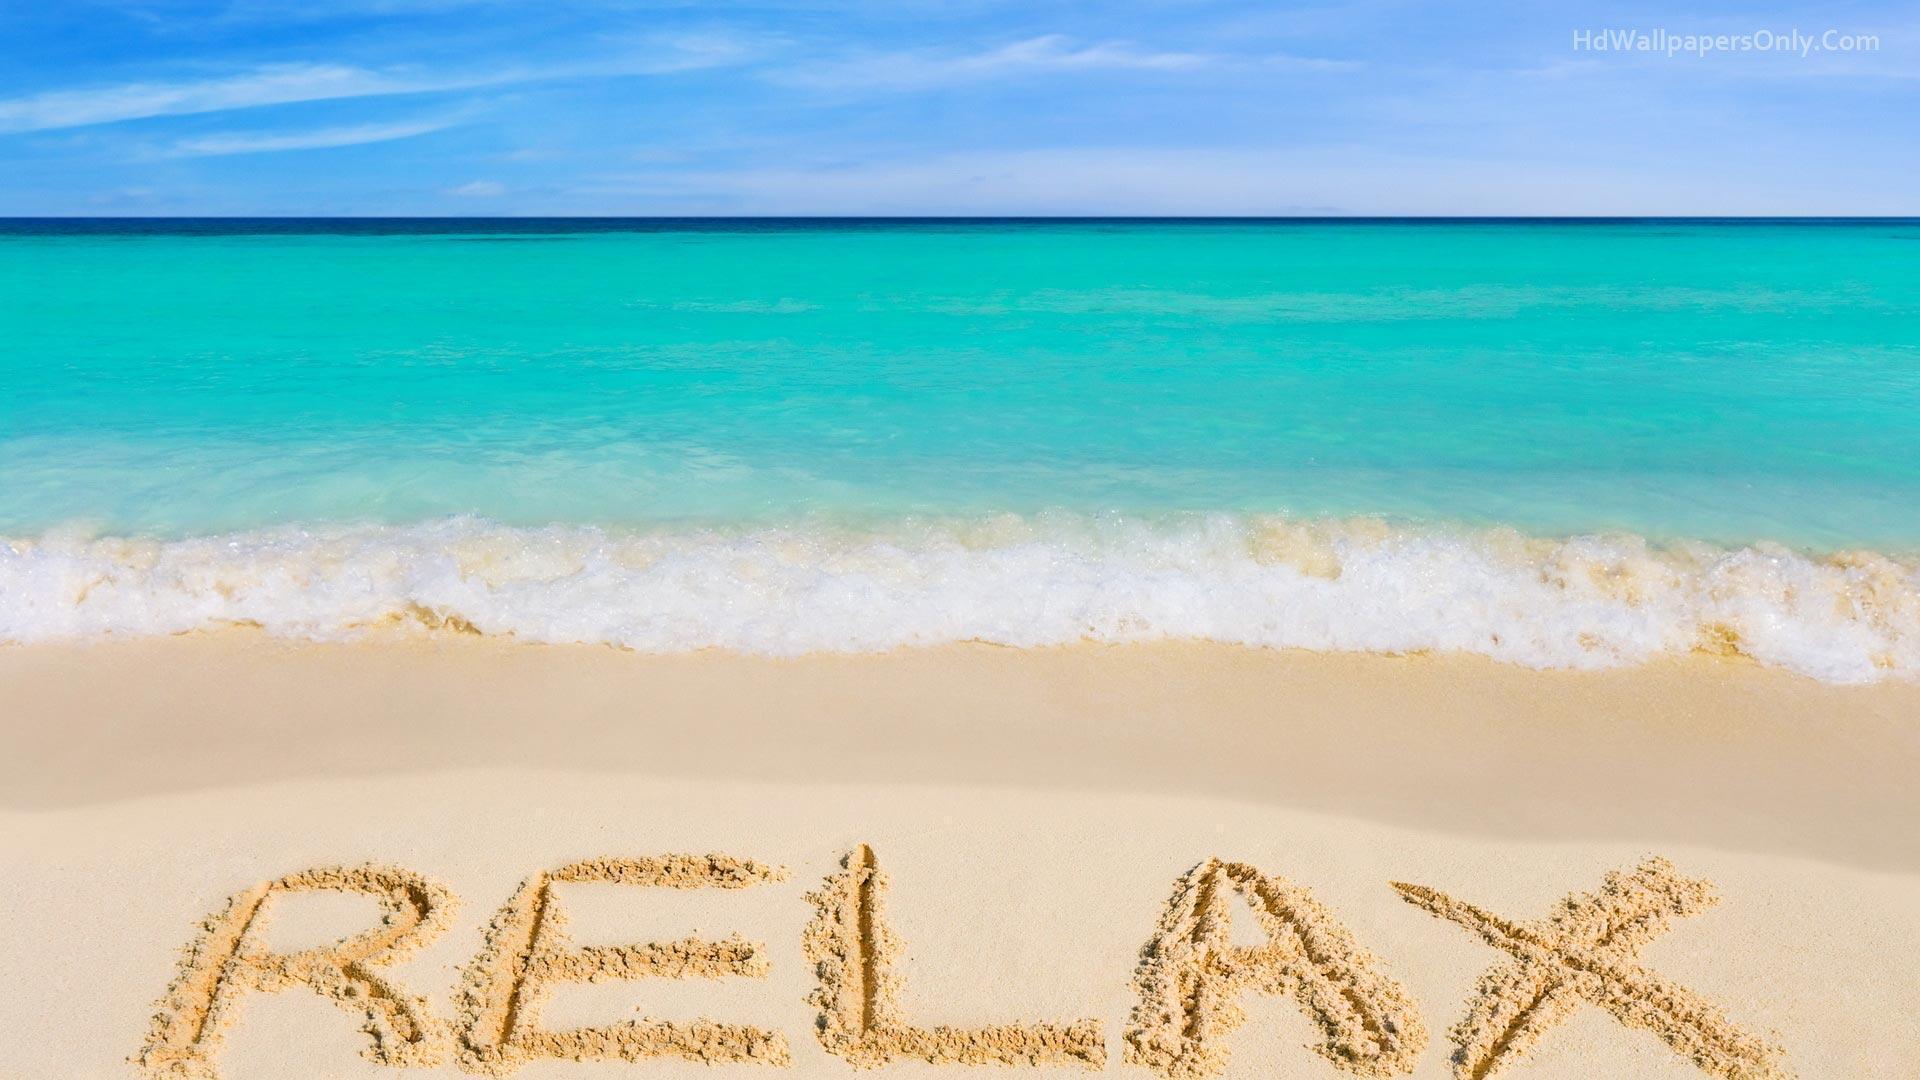 Summer Beach Wallpaper Design - HD Wallpapers